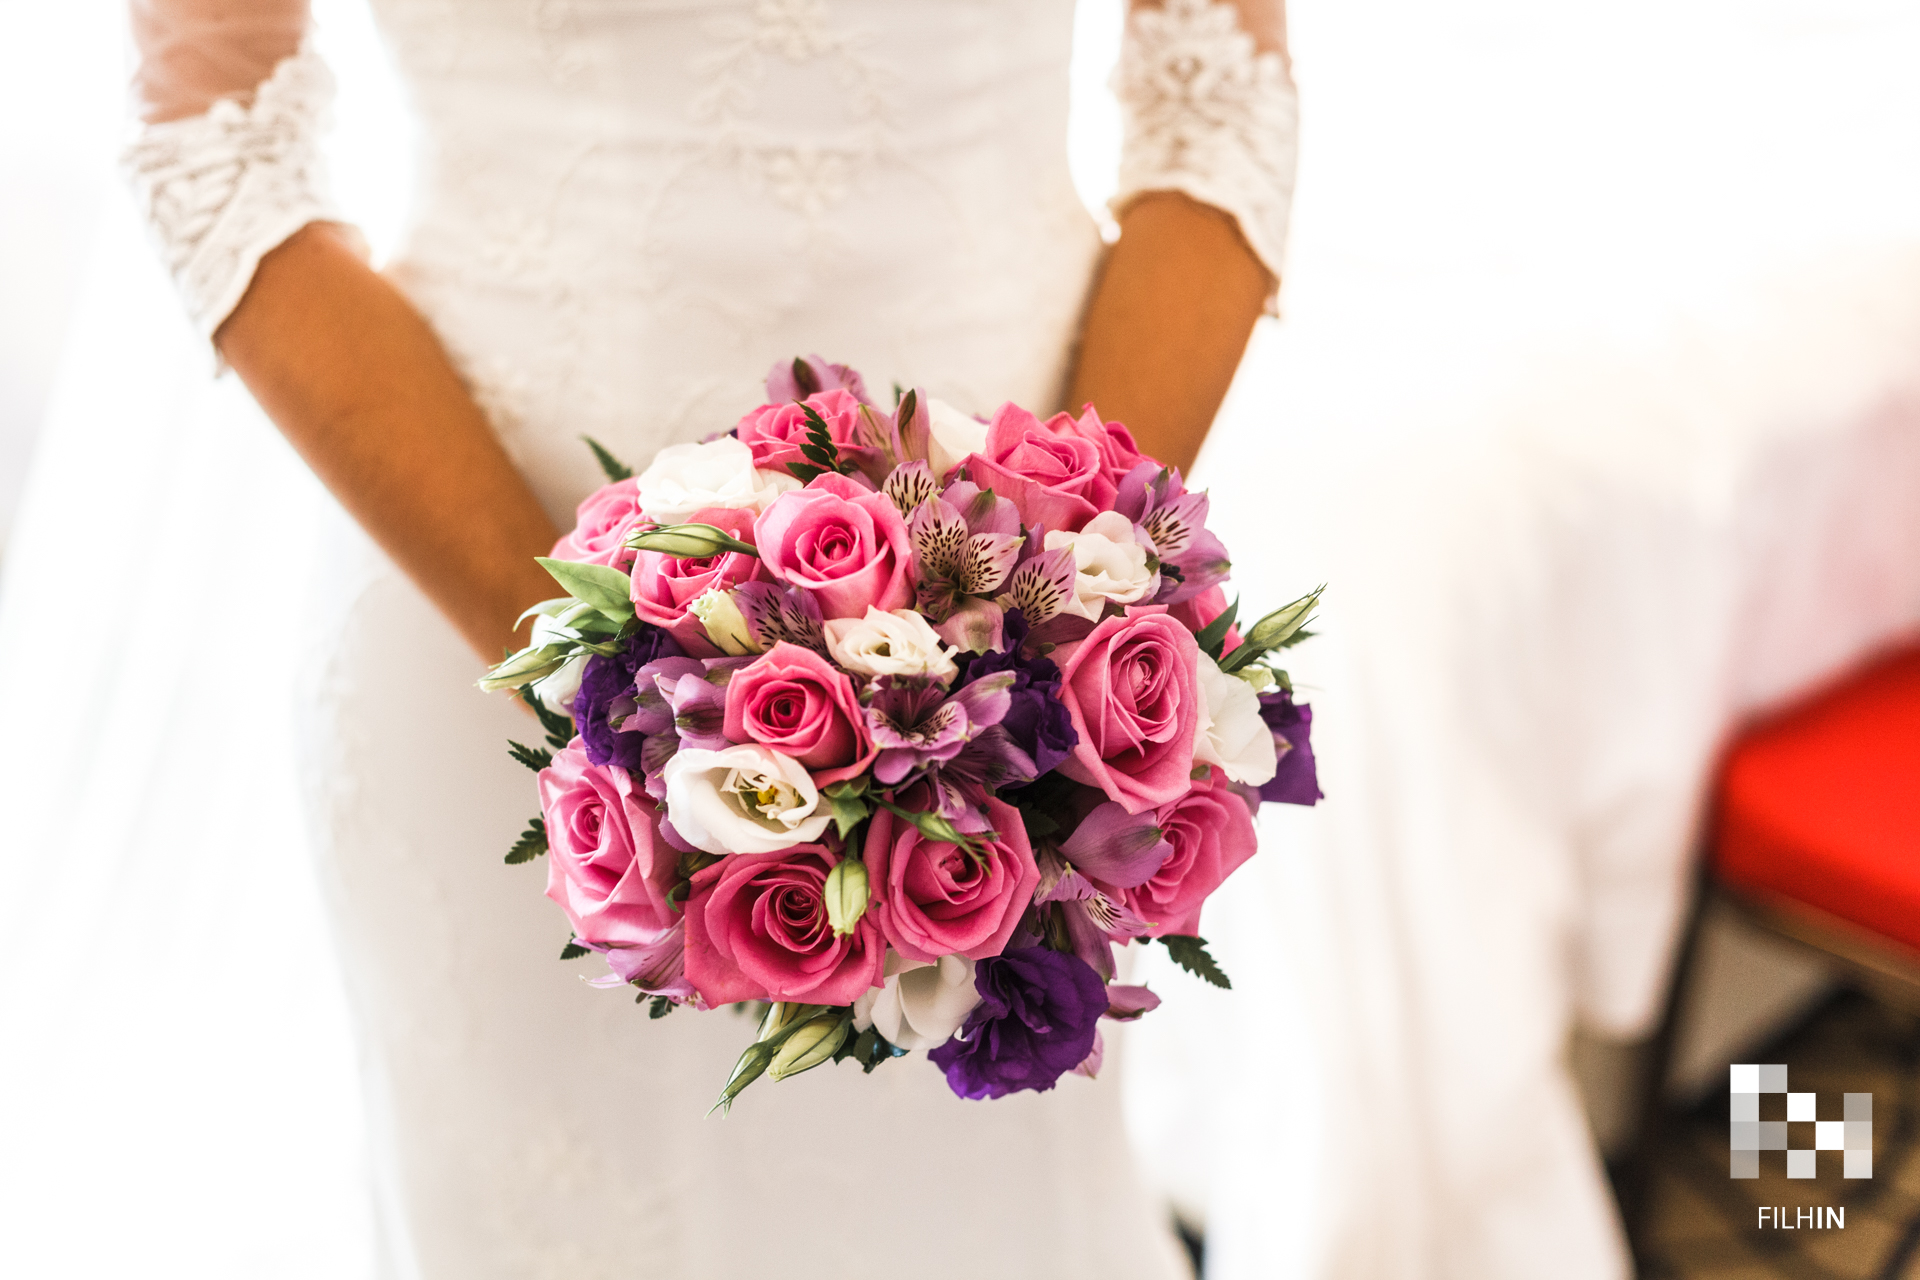 La boda de Rocío y Carlos | FILHIN